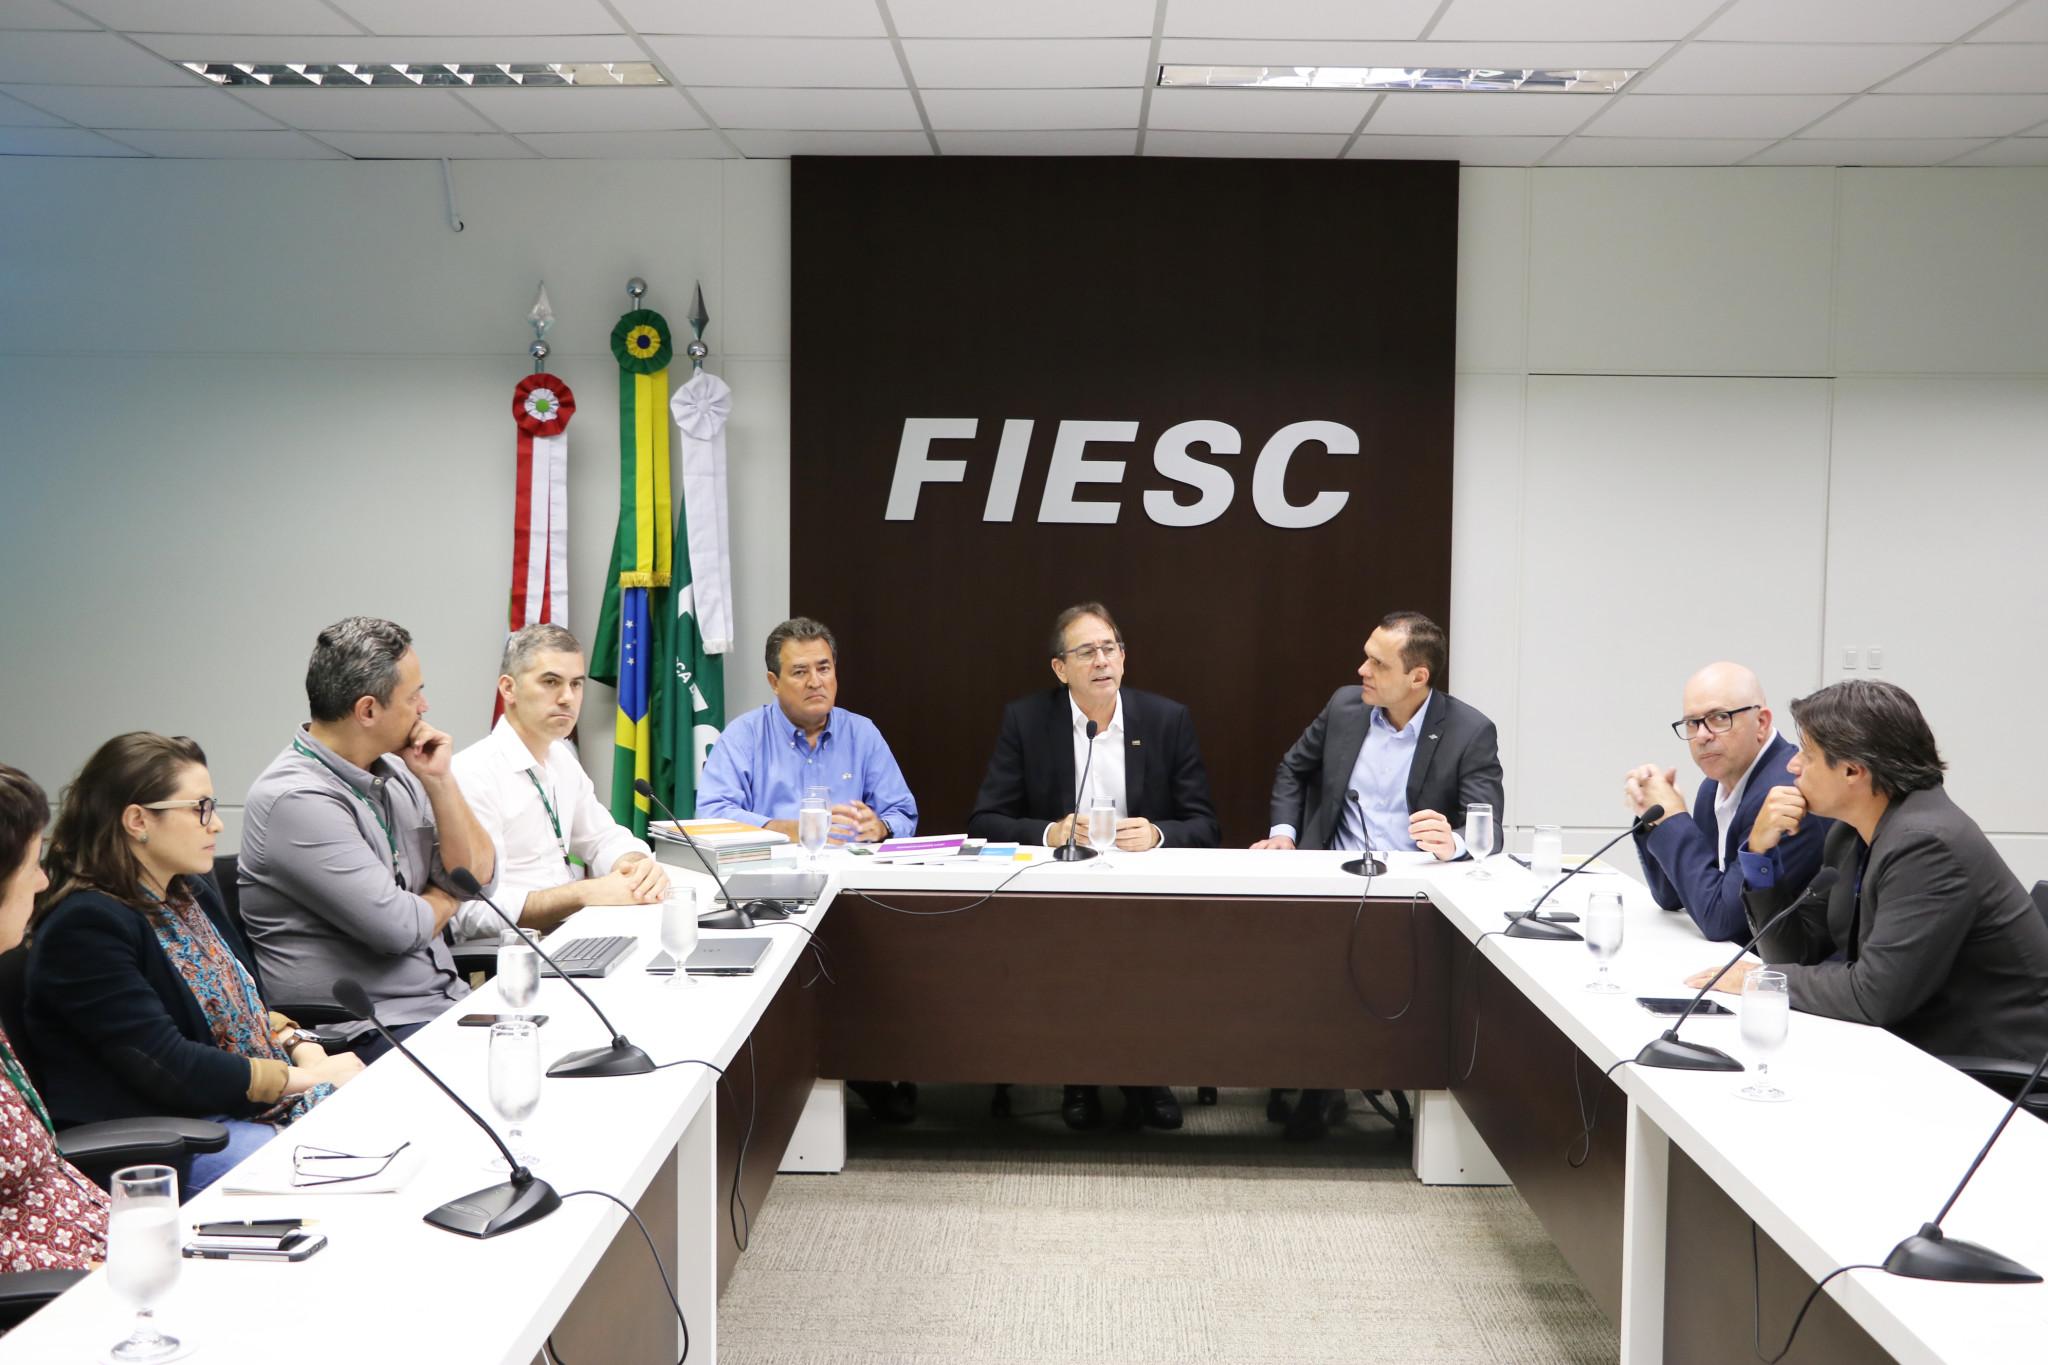 Visita técnica ao Observatório dos Pequenos Negócios, na Federação das Indústrias do Estado de Santa Catarina